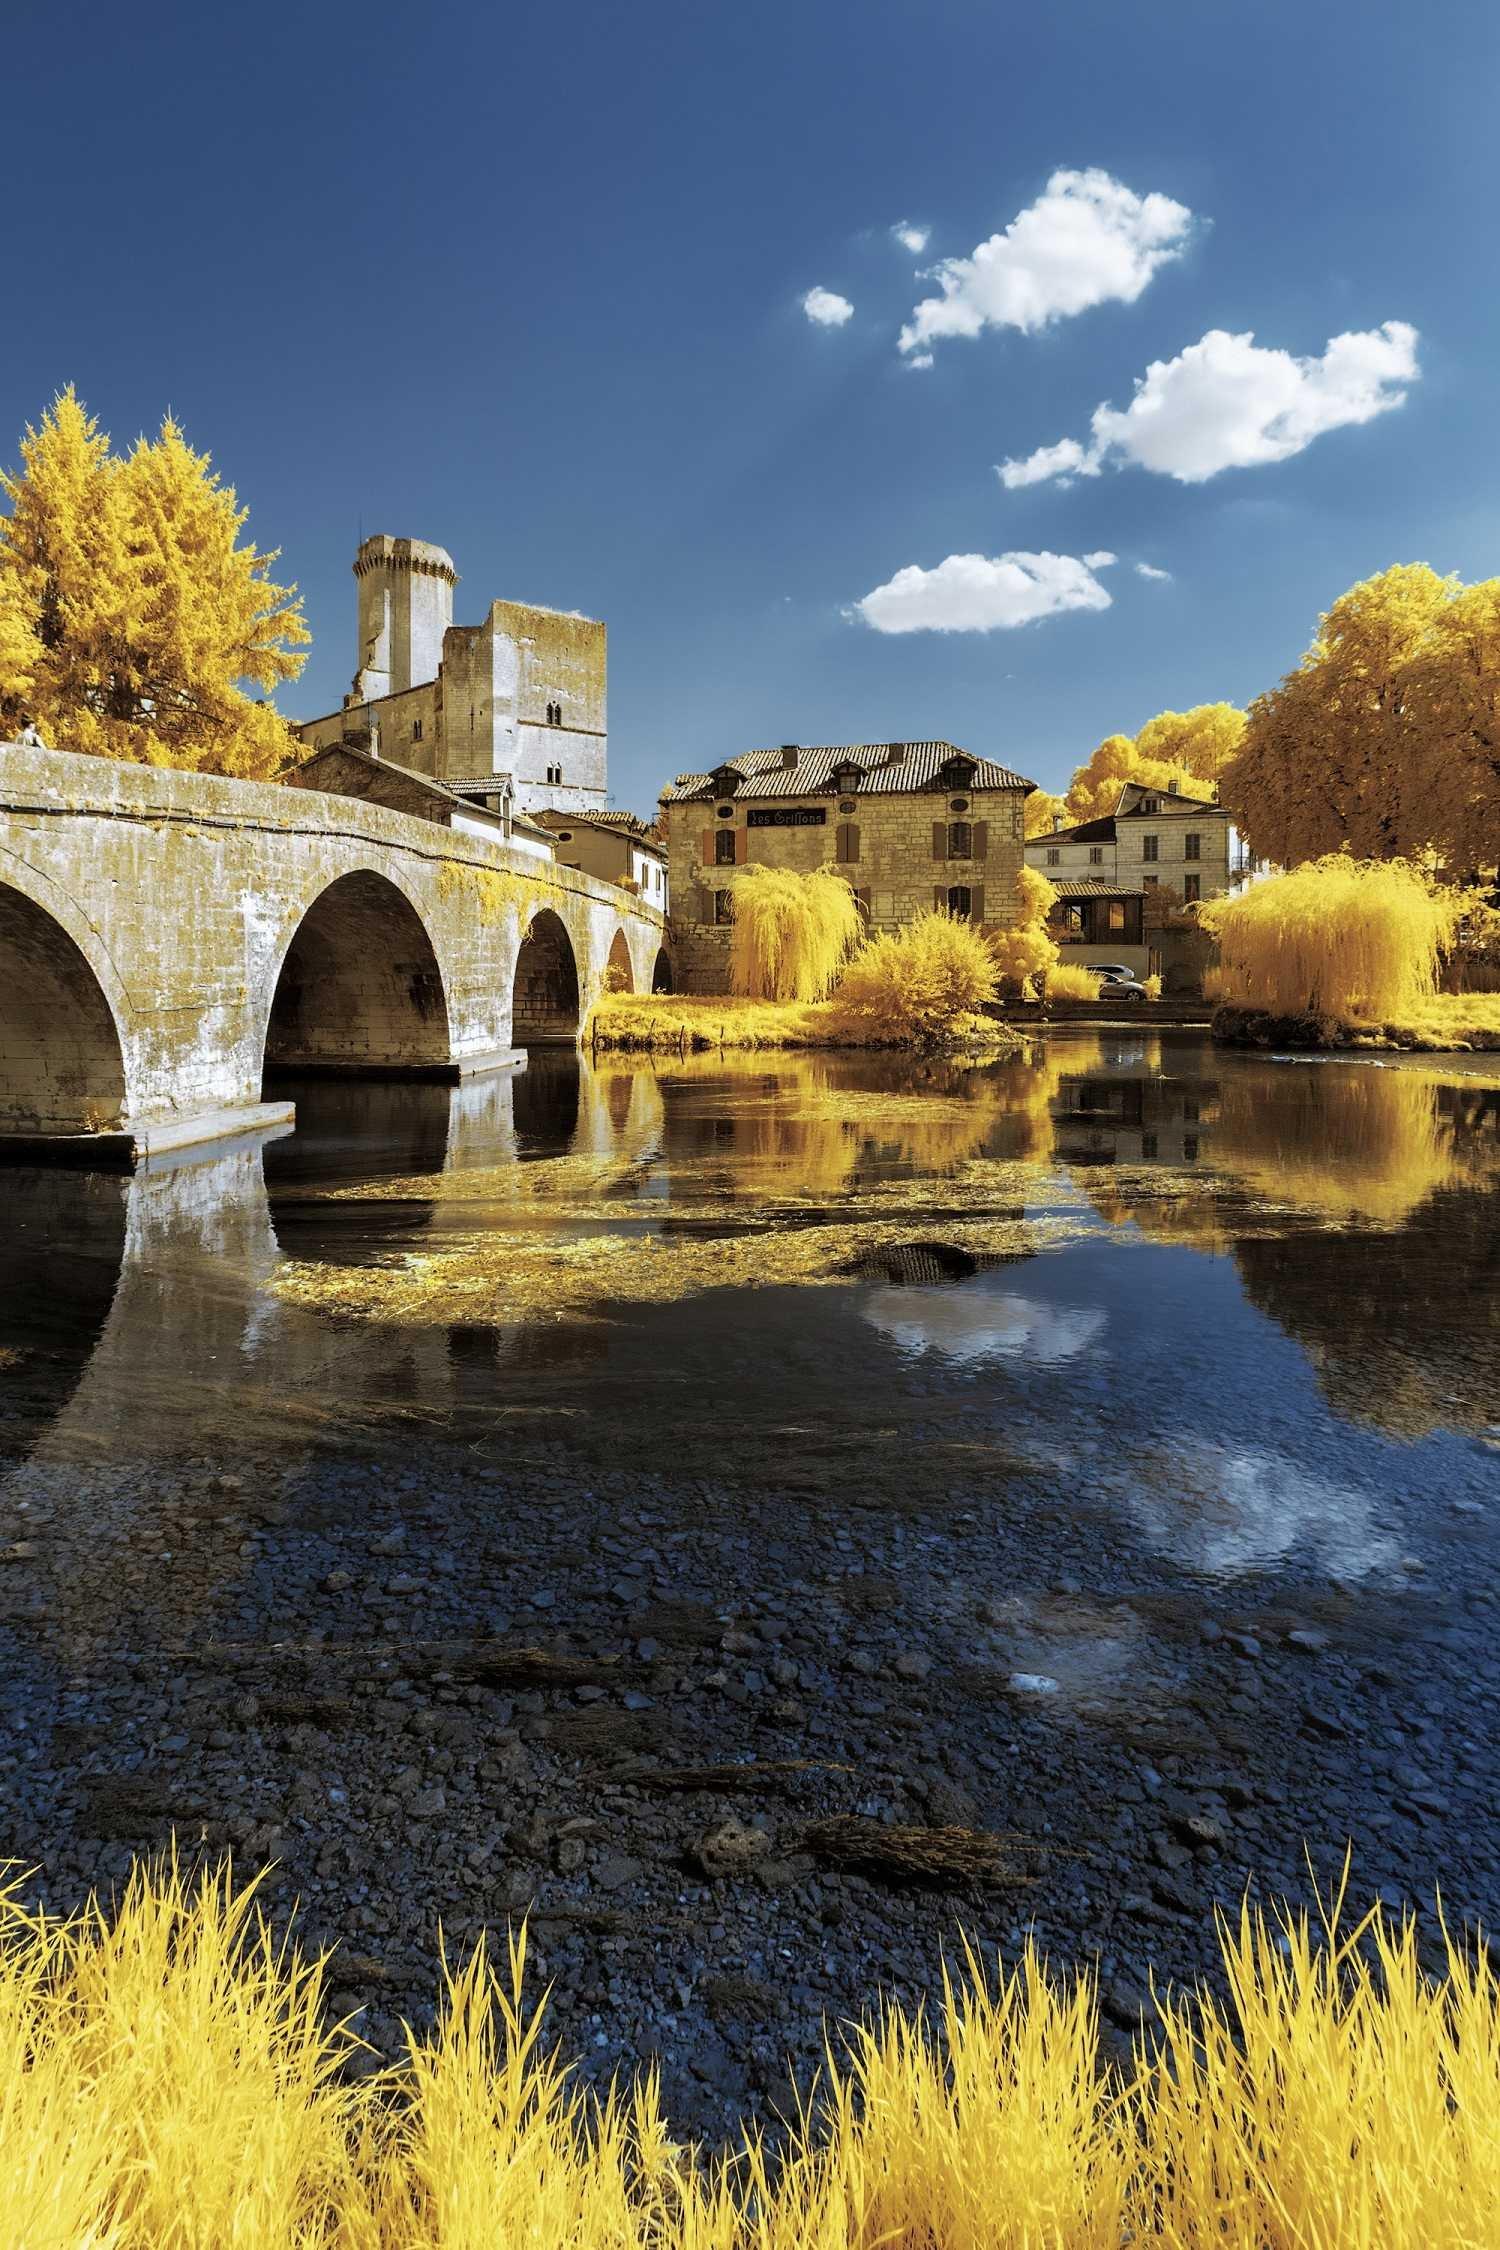 Жёлтые осенние инфракрасные фотографии Пьера-Луи Феррера